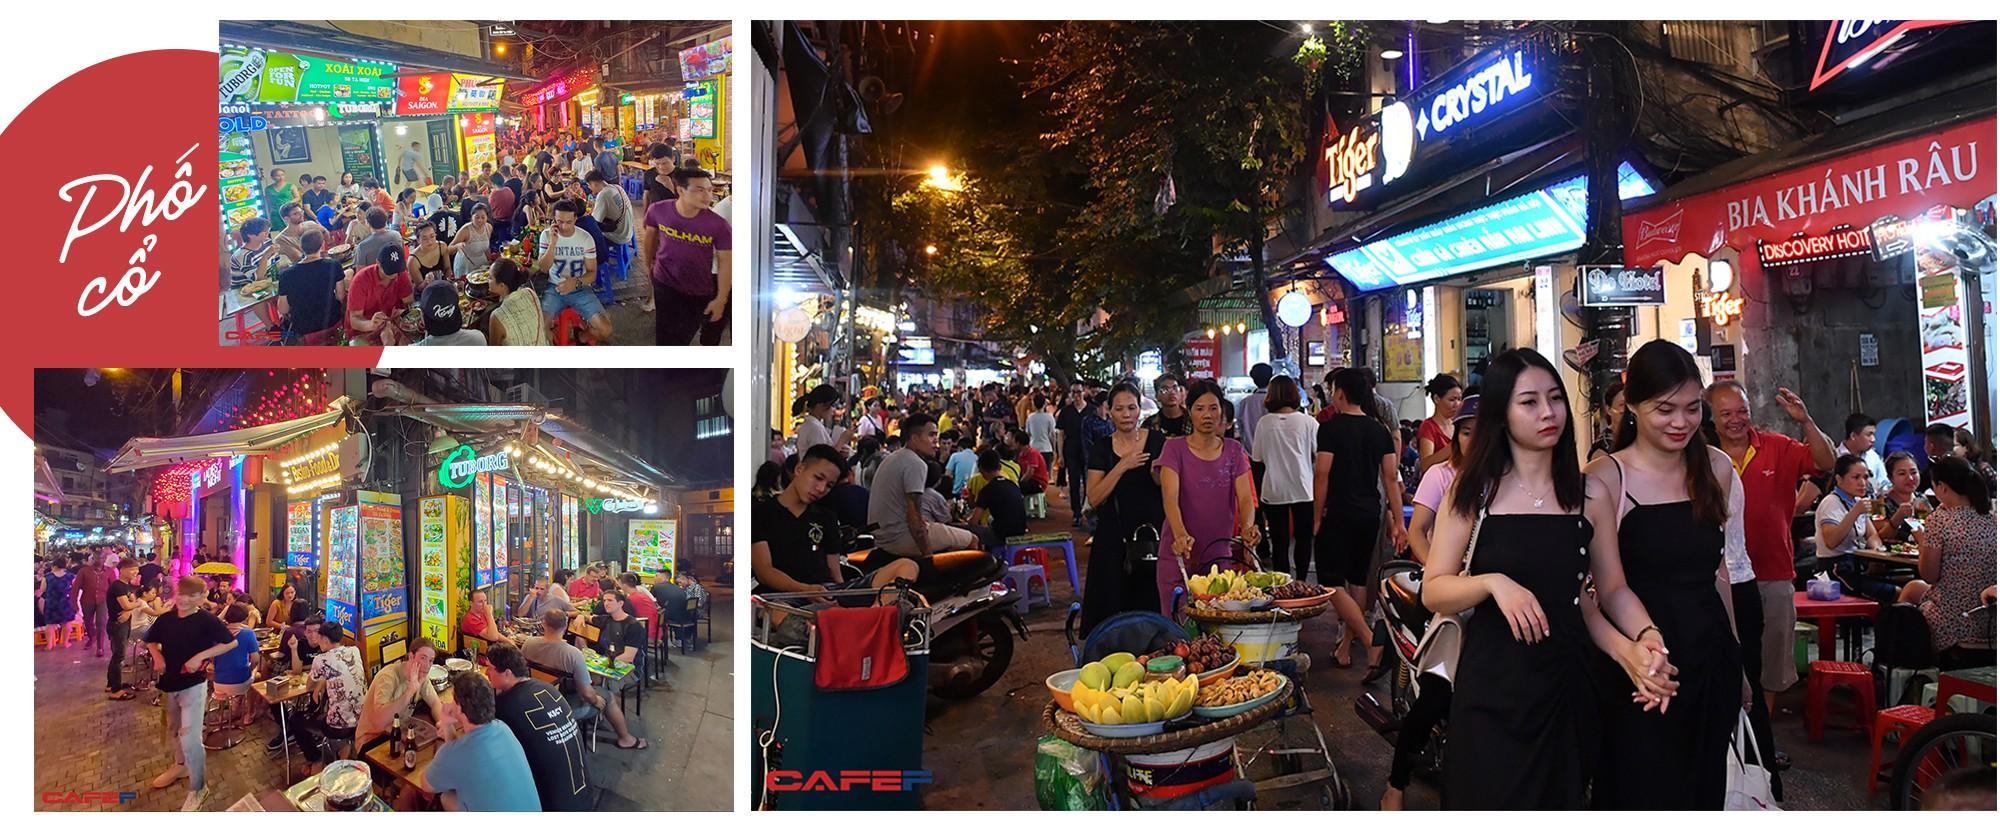 """Kinh tế về đêm nhìn từ """"chiến tranh bia"""" trên phố cổ Hà Nội - Ảnh 7."""